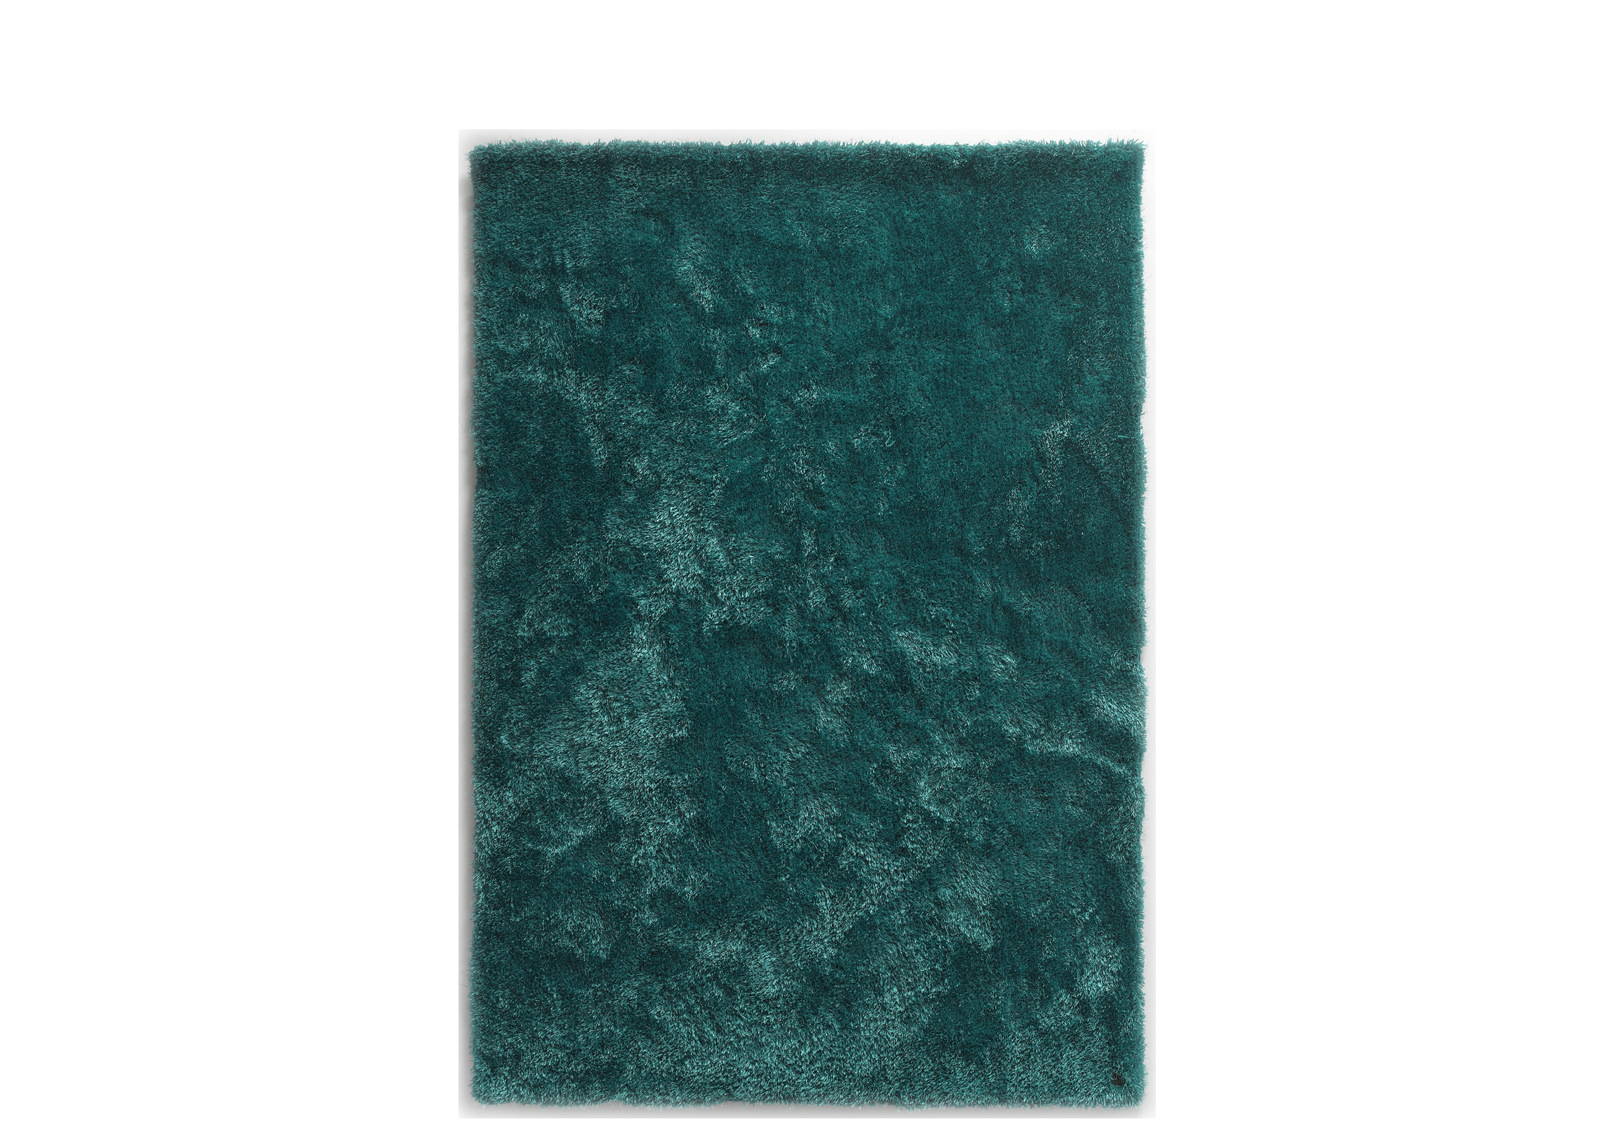 Matto SOFT 65x135 cm